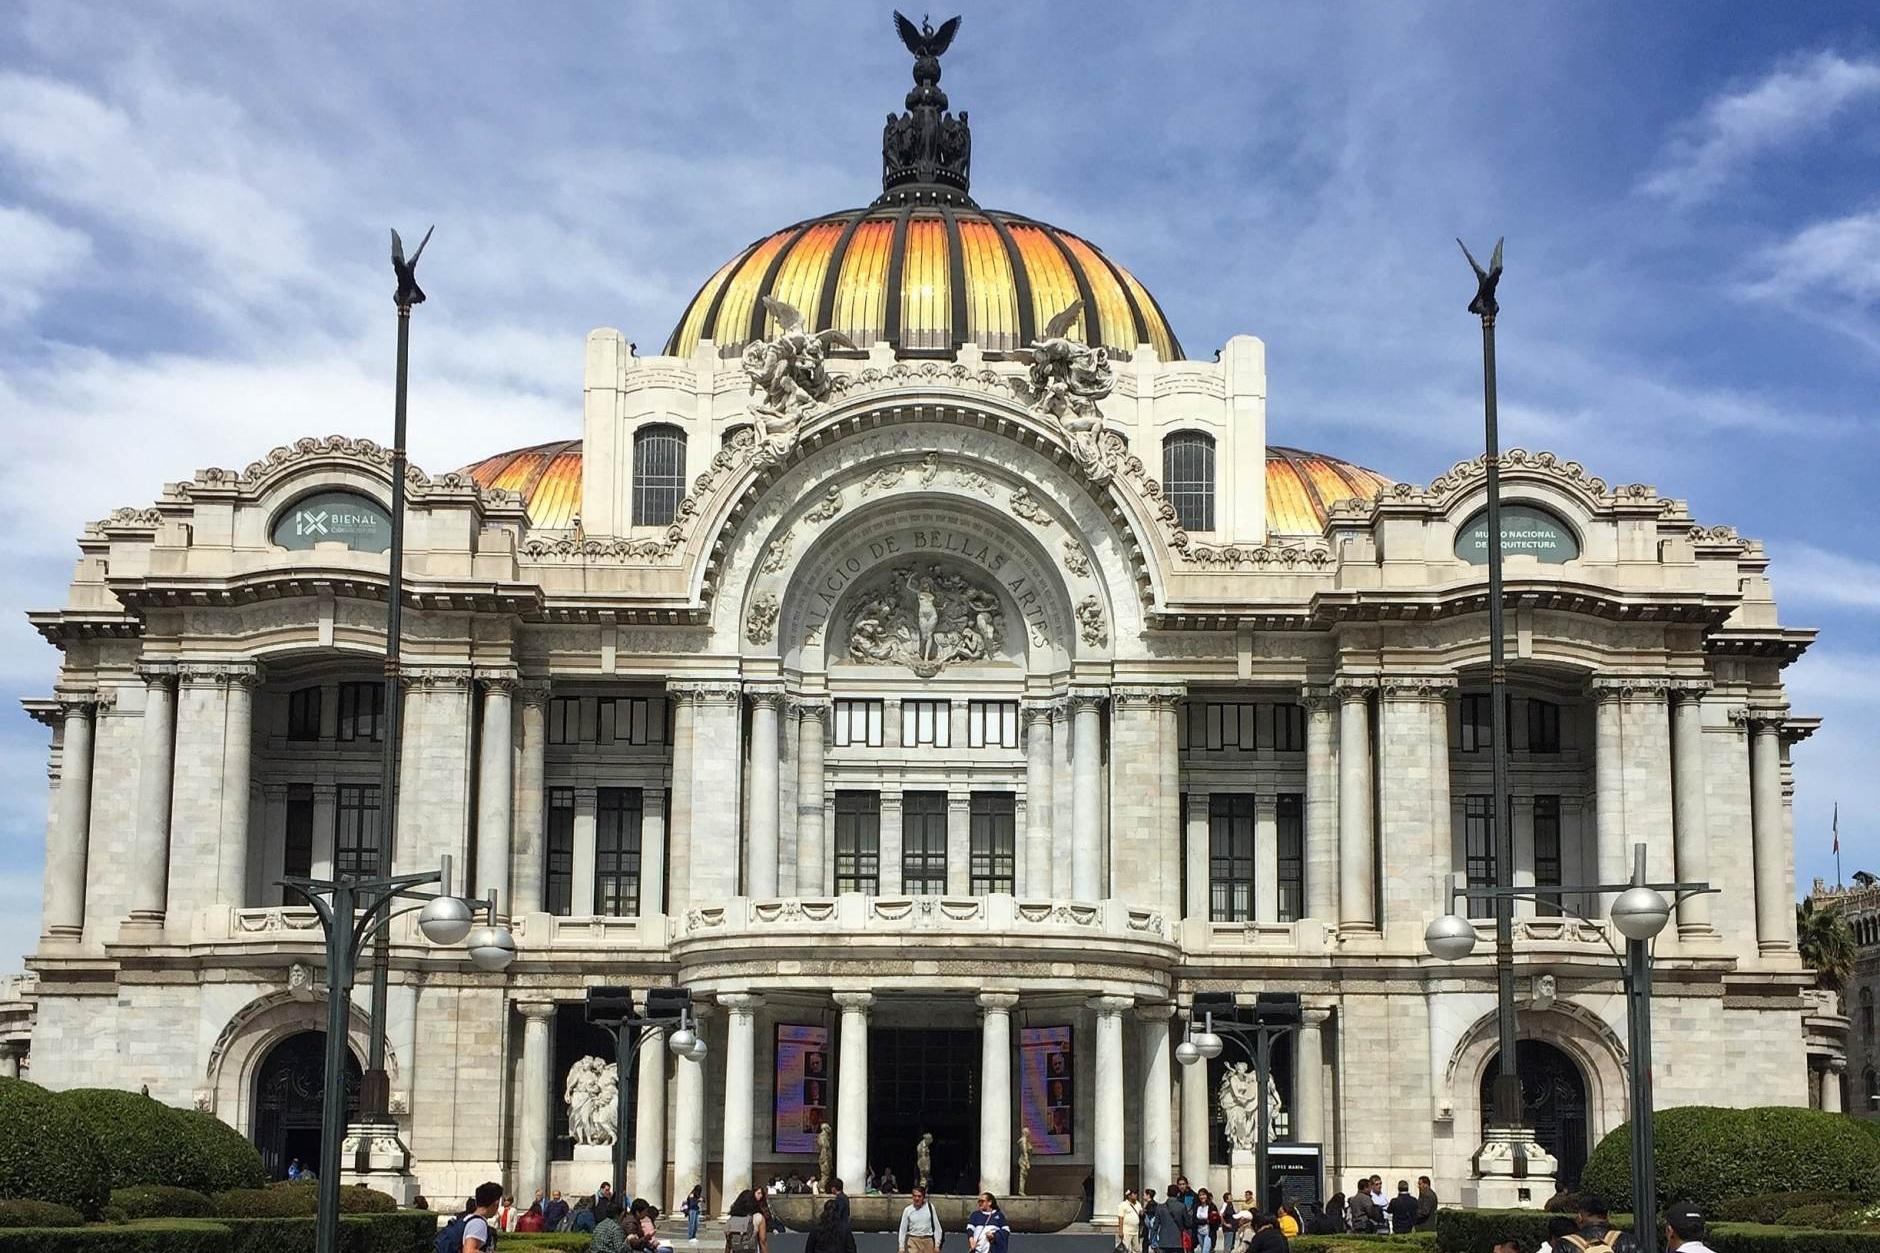 City Guide: Mexico City - Your Essential Travel Guide to CDMX